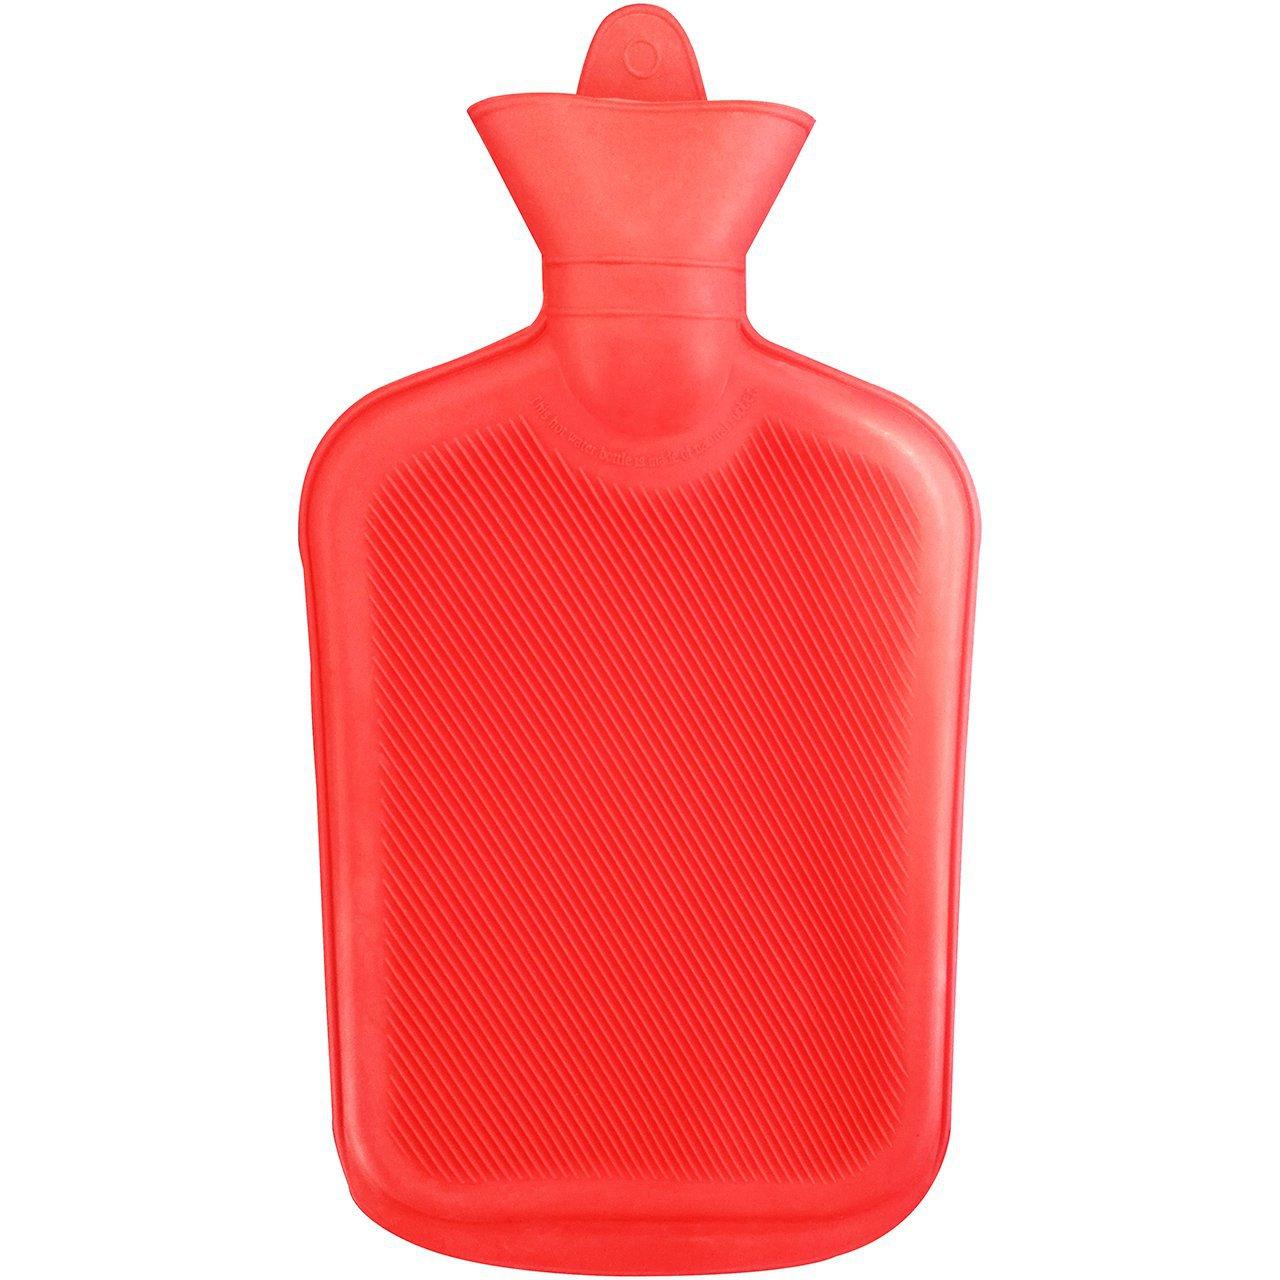 کیسه آبگرم ساده با ظرفیت 2 لیتر